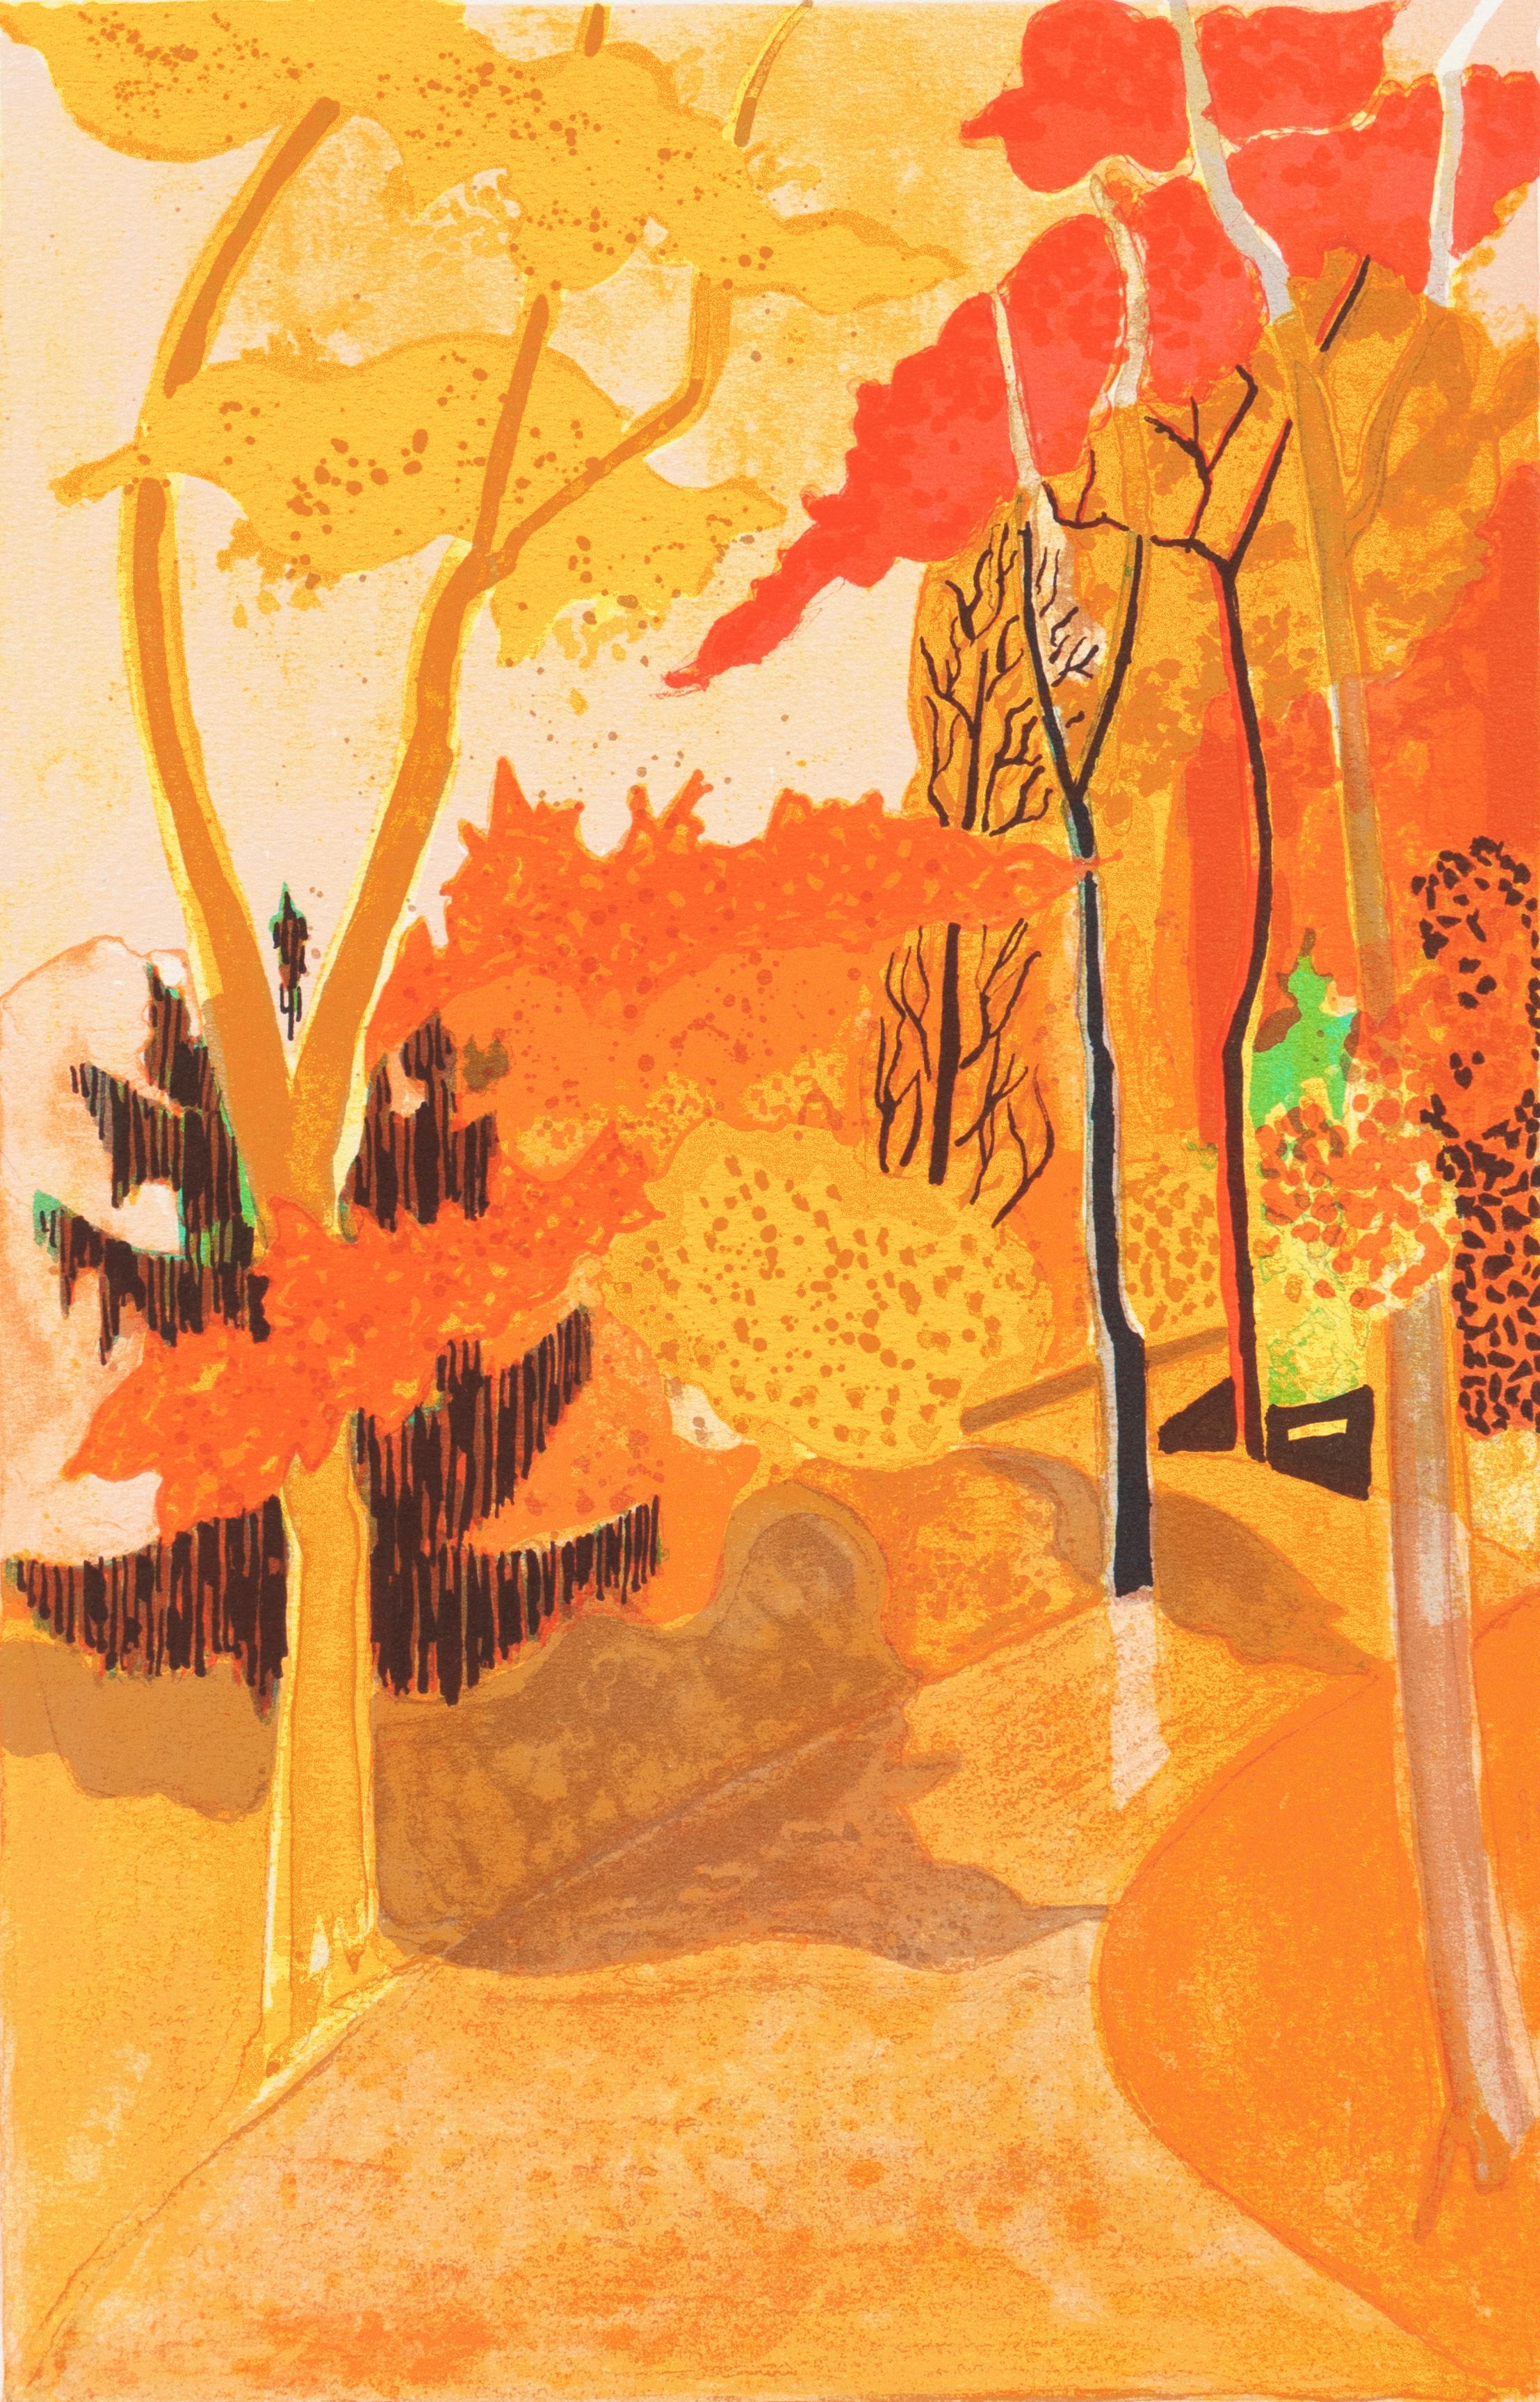 'Provençal Landscape', Post-Impressionist, Academie Chaumiere, Paris Salon